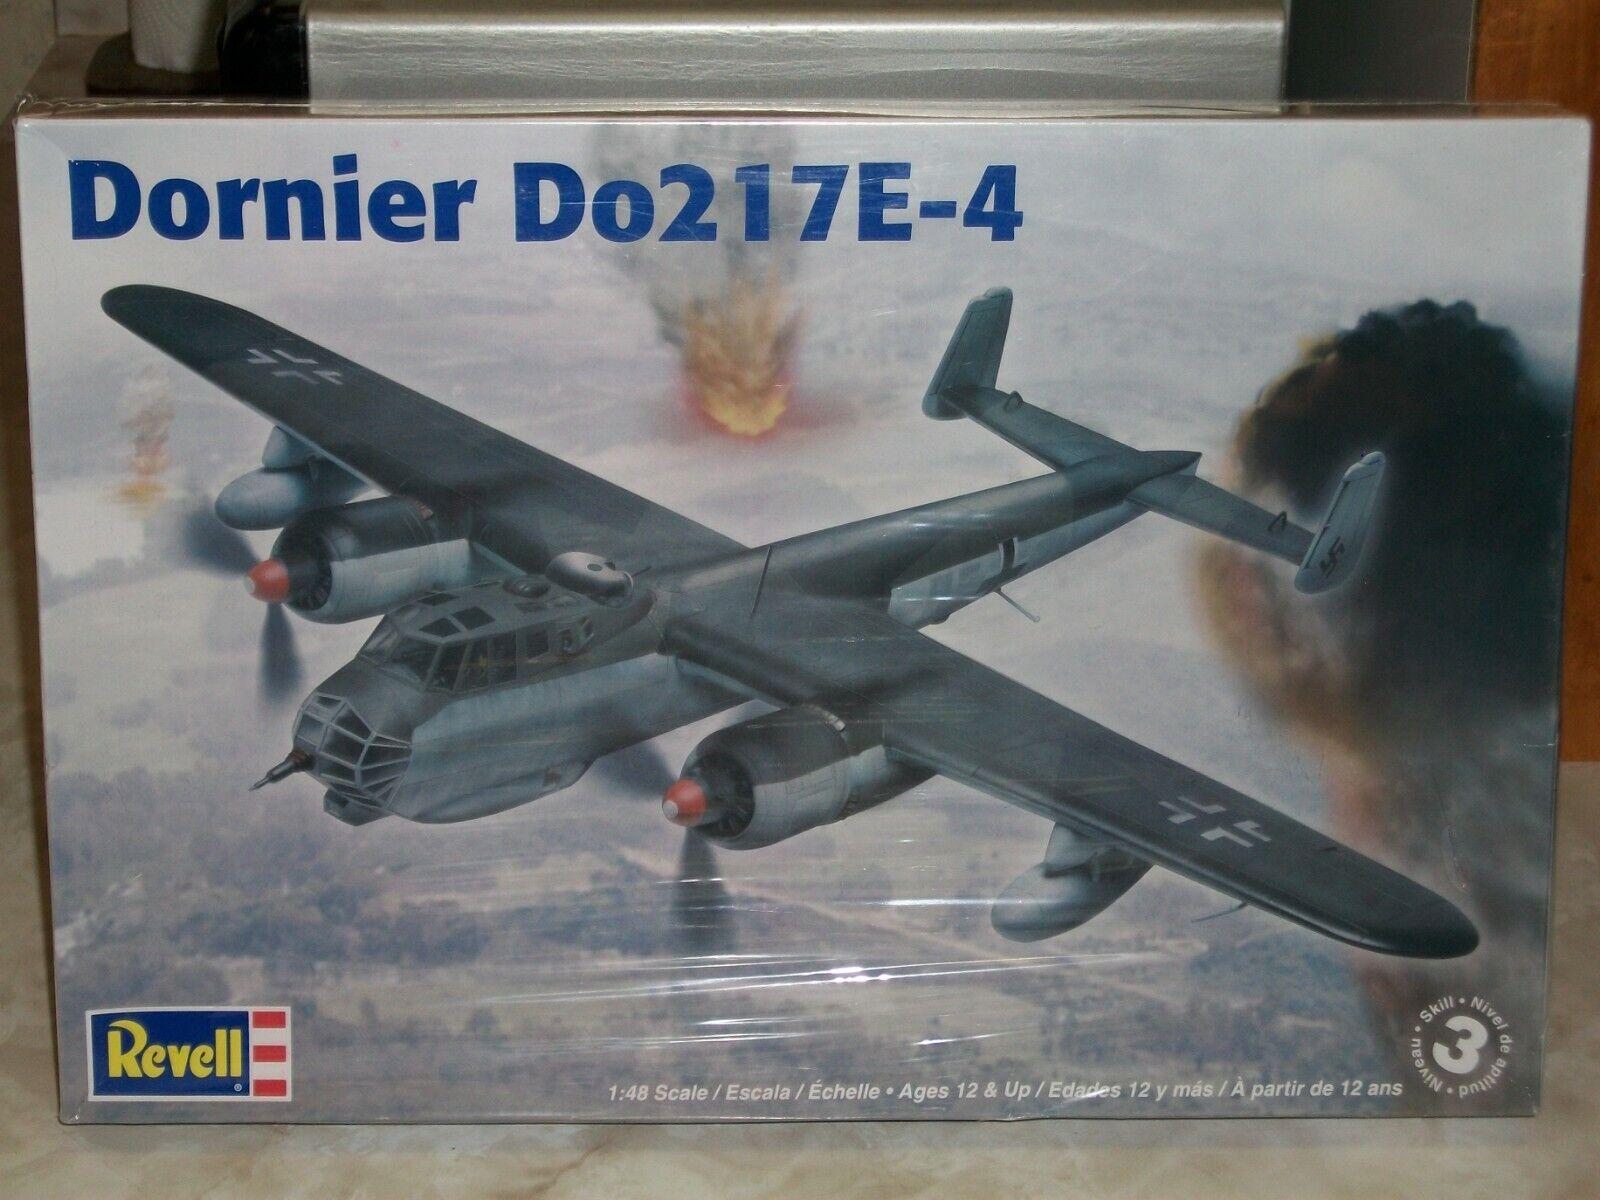 Revell 1 48 Scale Dornier Do 217E-4 w Extras - Factory Sealed